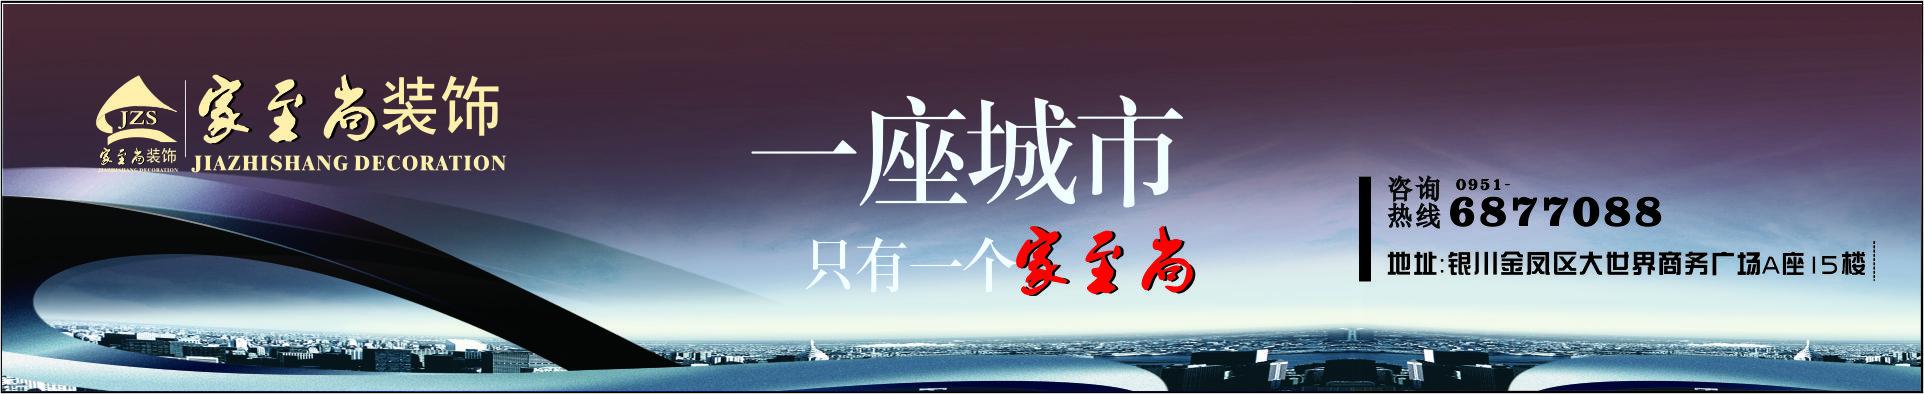 北京家至尚装饰